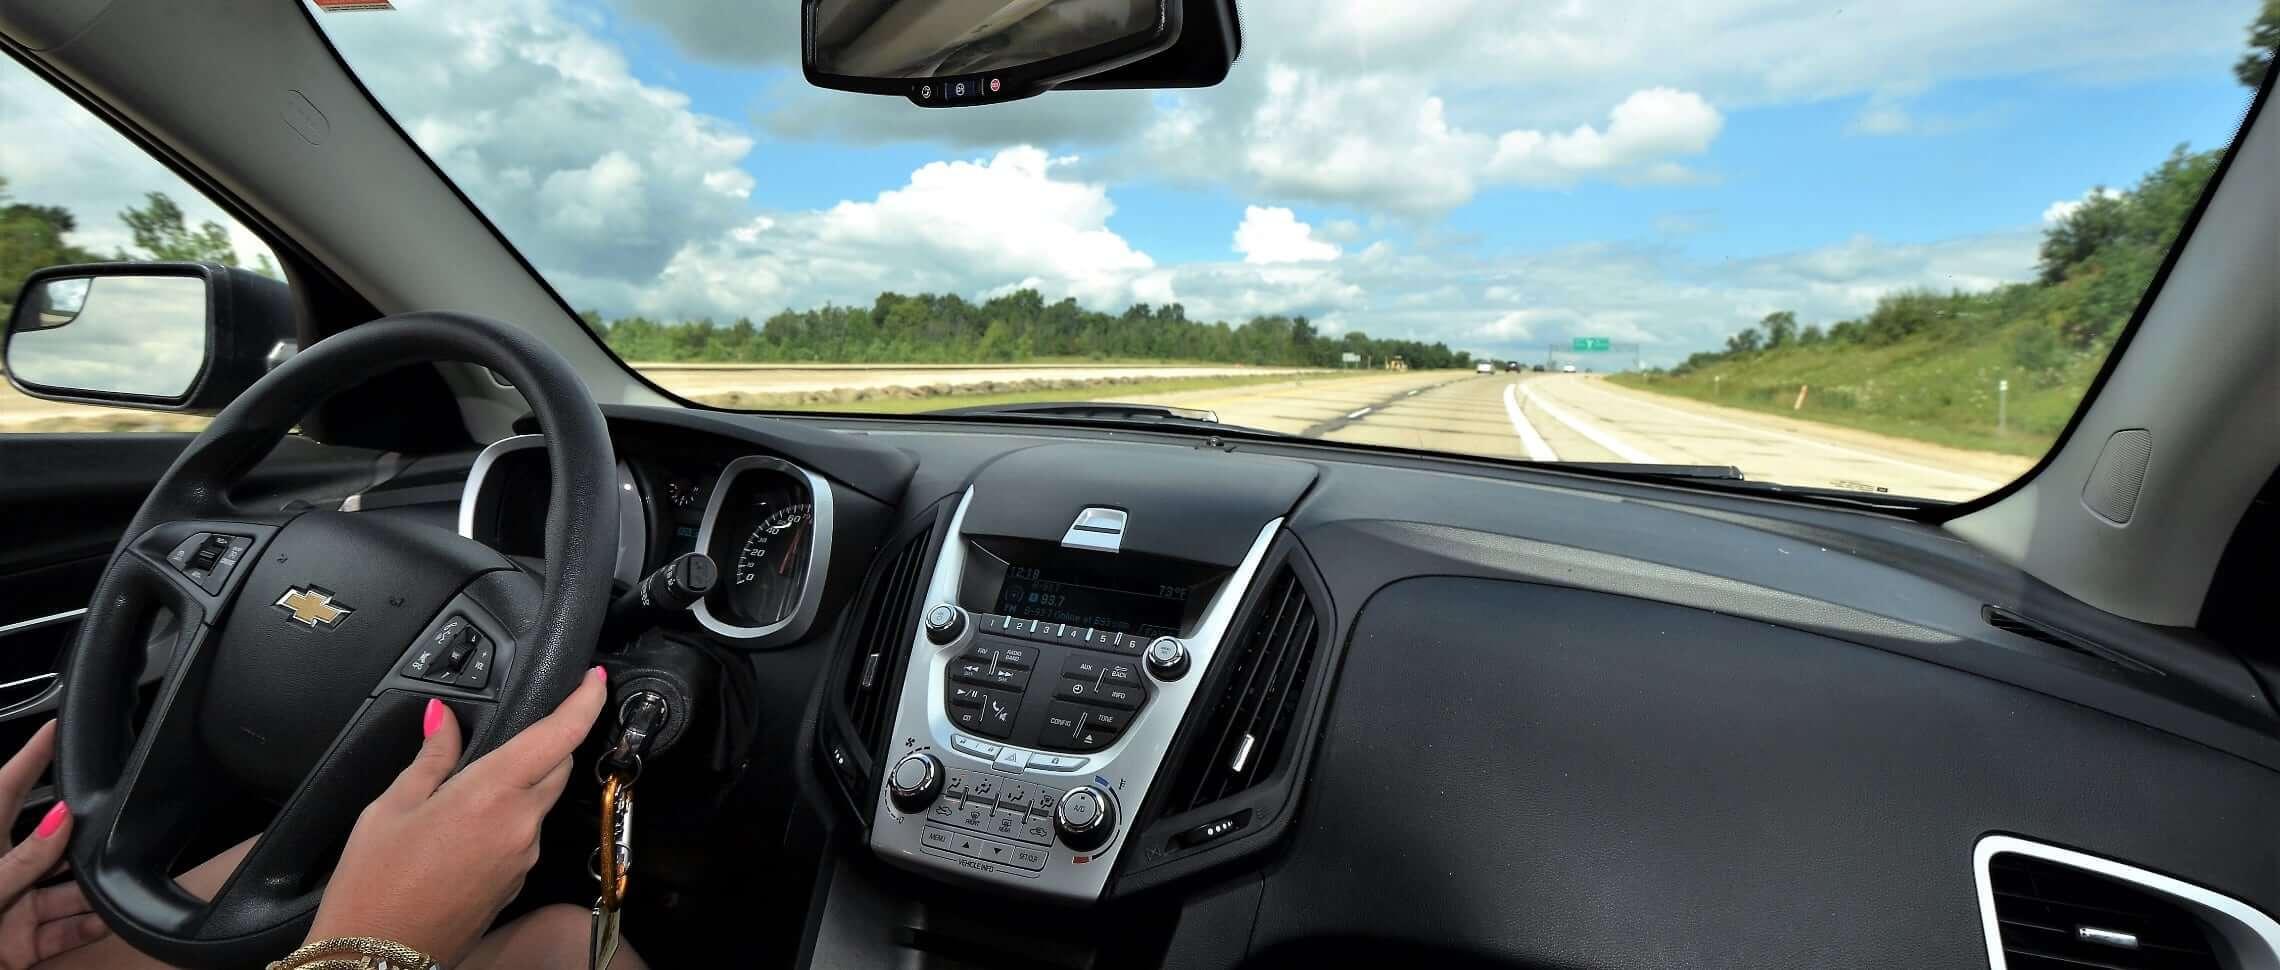 intensivkurs kvinna i bil landsväg